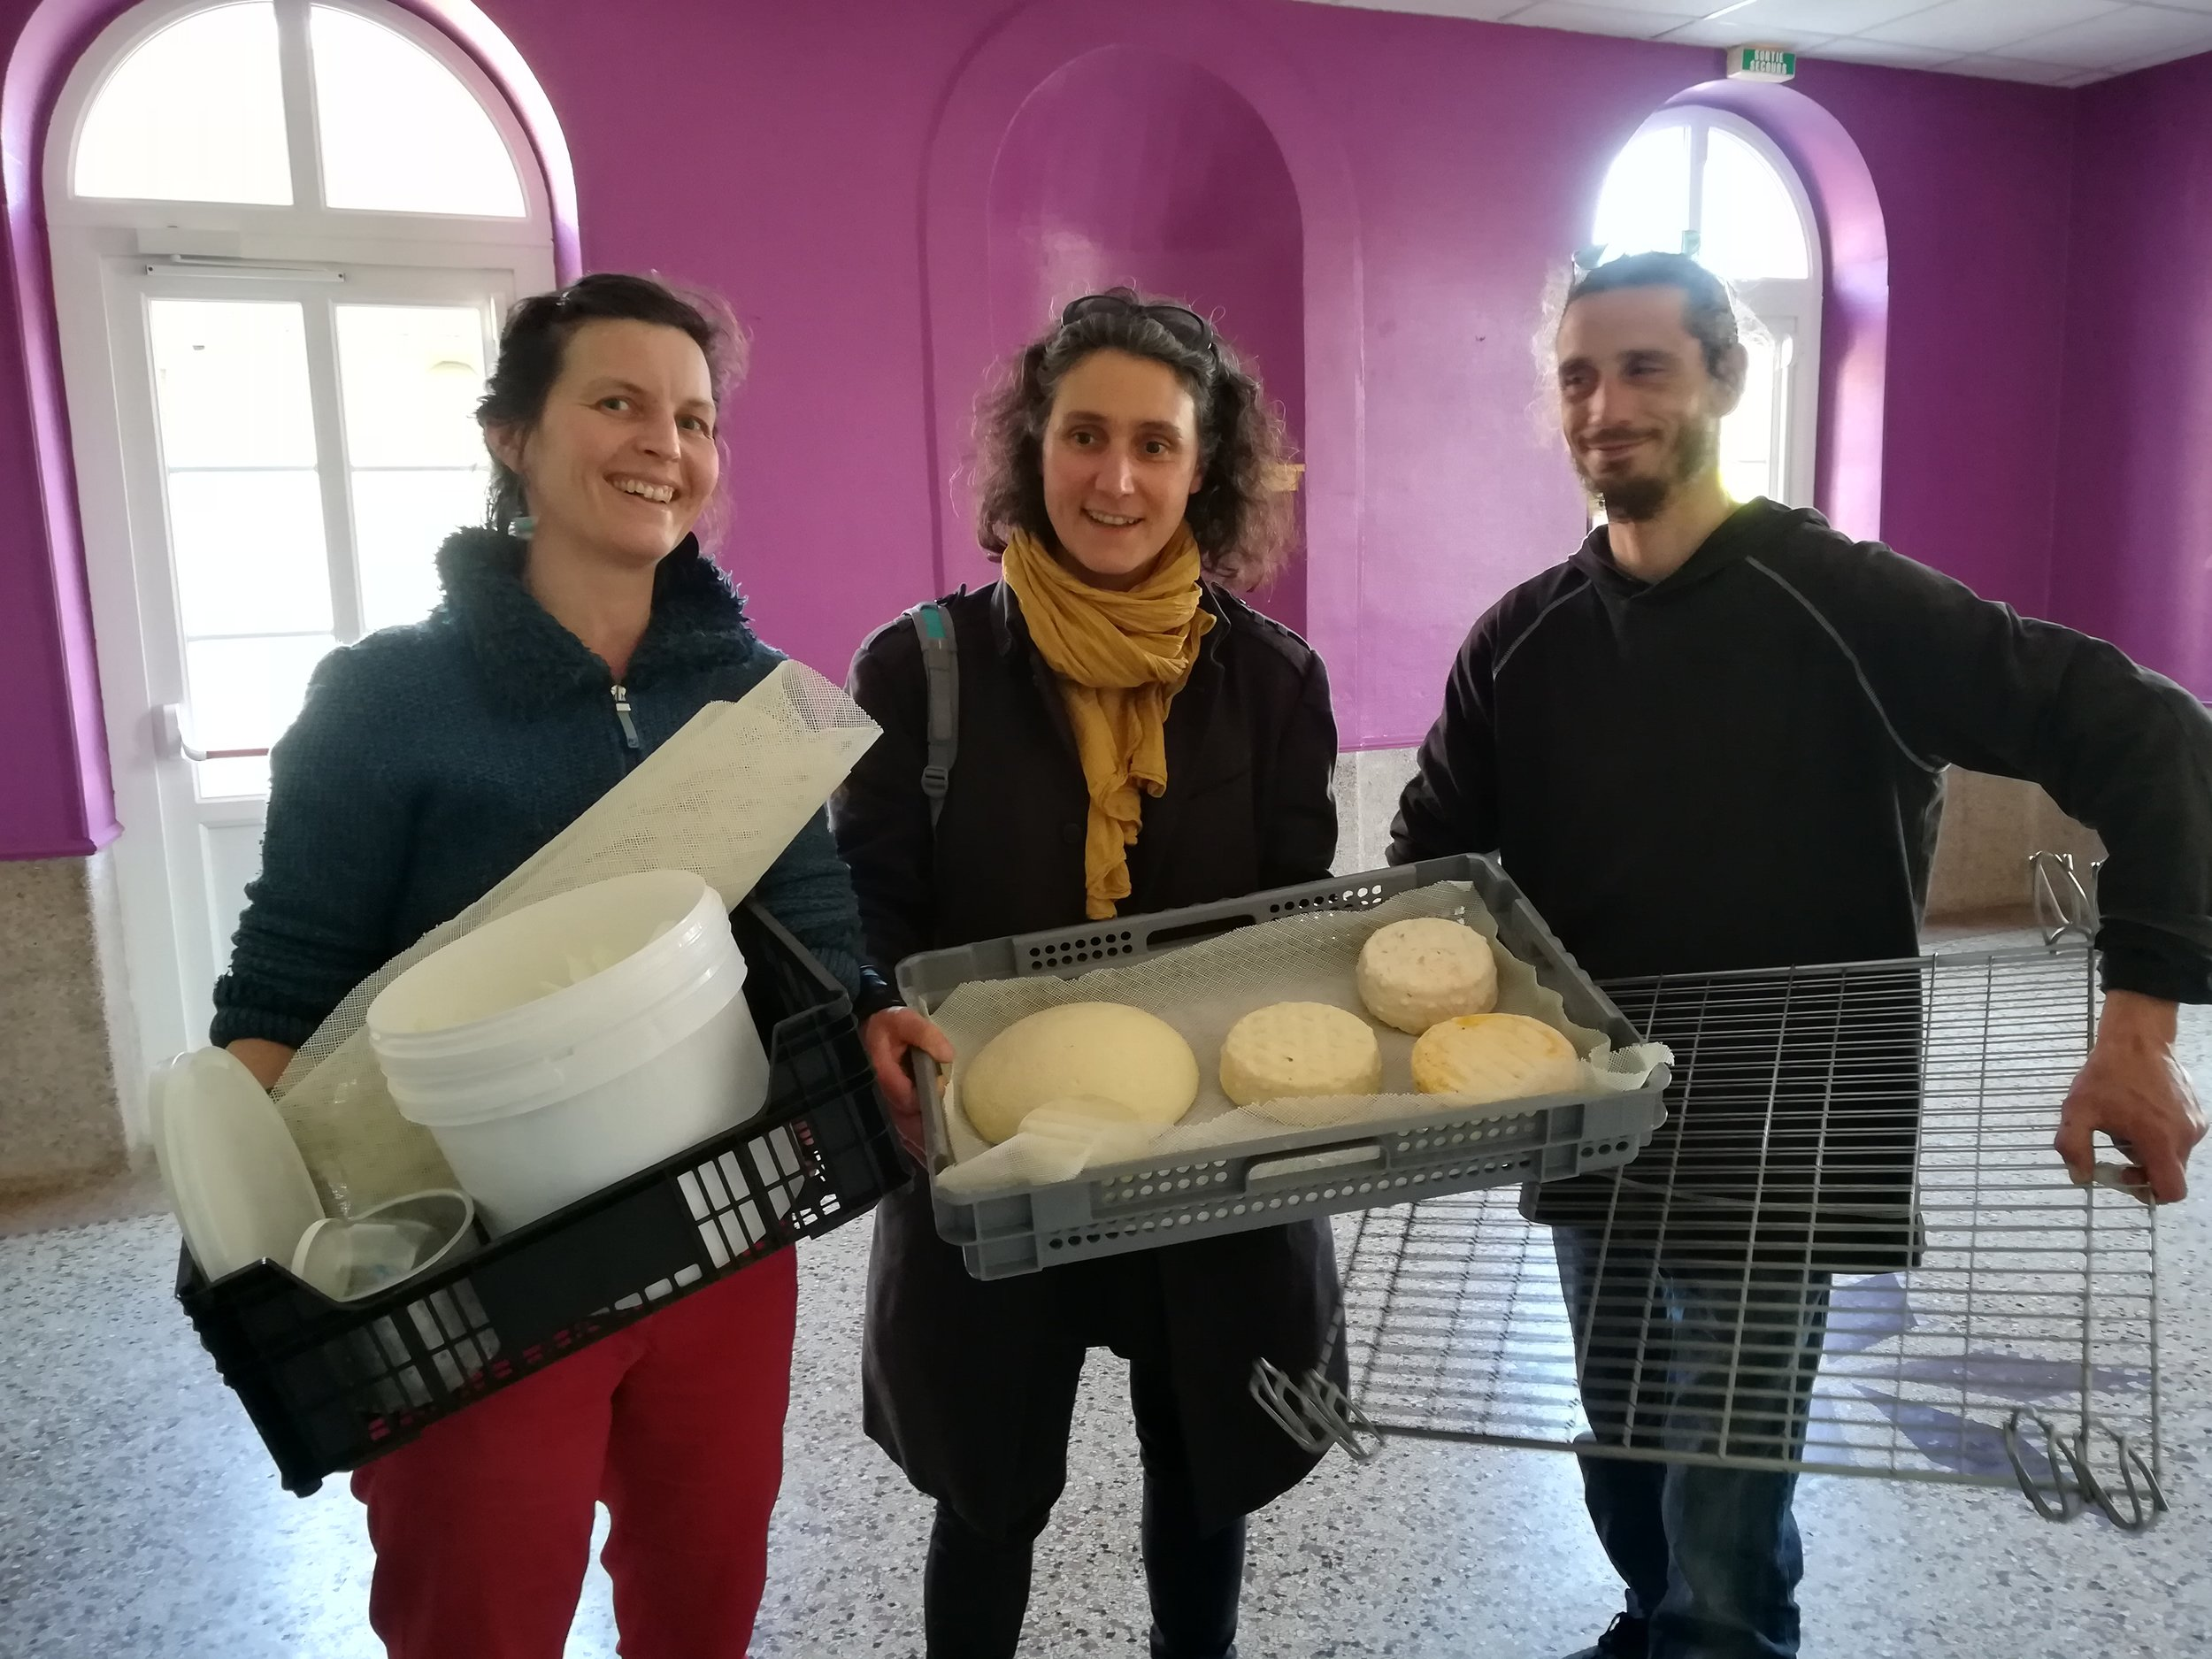 Les créations de Caroline Beaujour et Xavier Godmet - La boite à fromage - Credit photo Martine Loublier